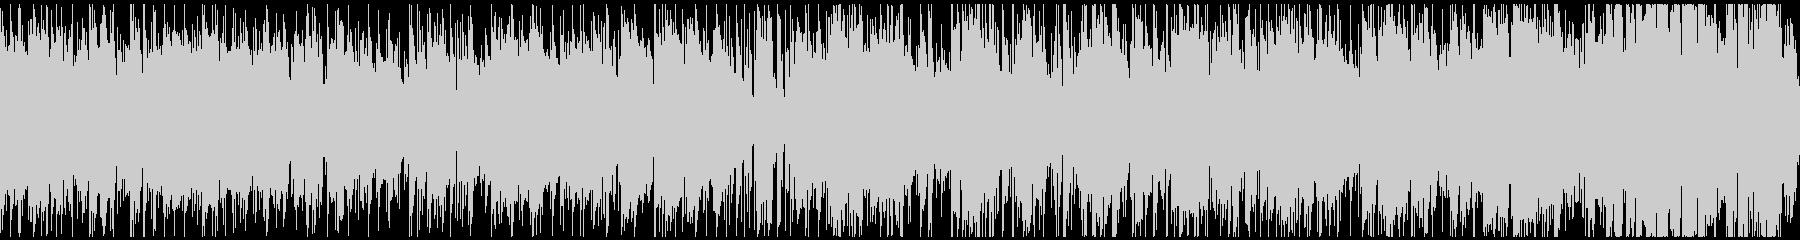 ランチタイムのカフェ的ボサノバ※ループ版の未再生の波形